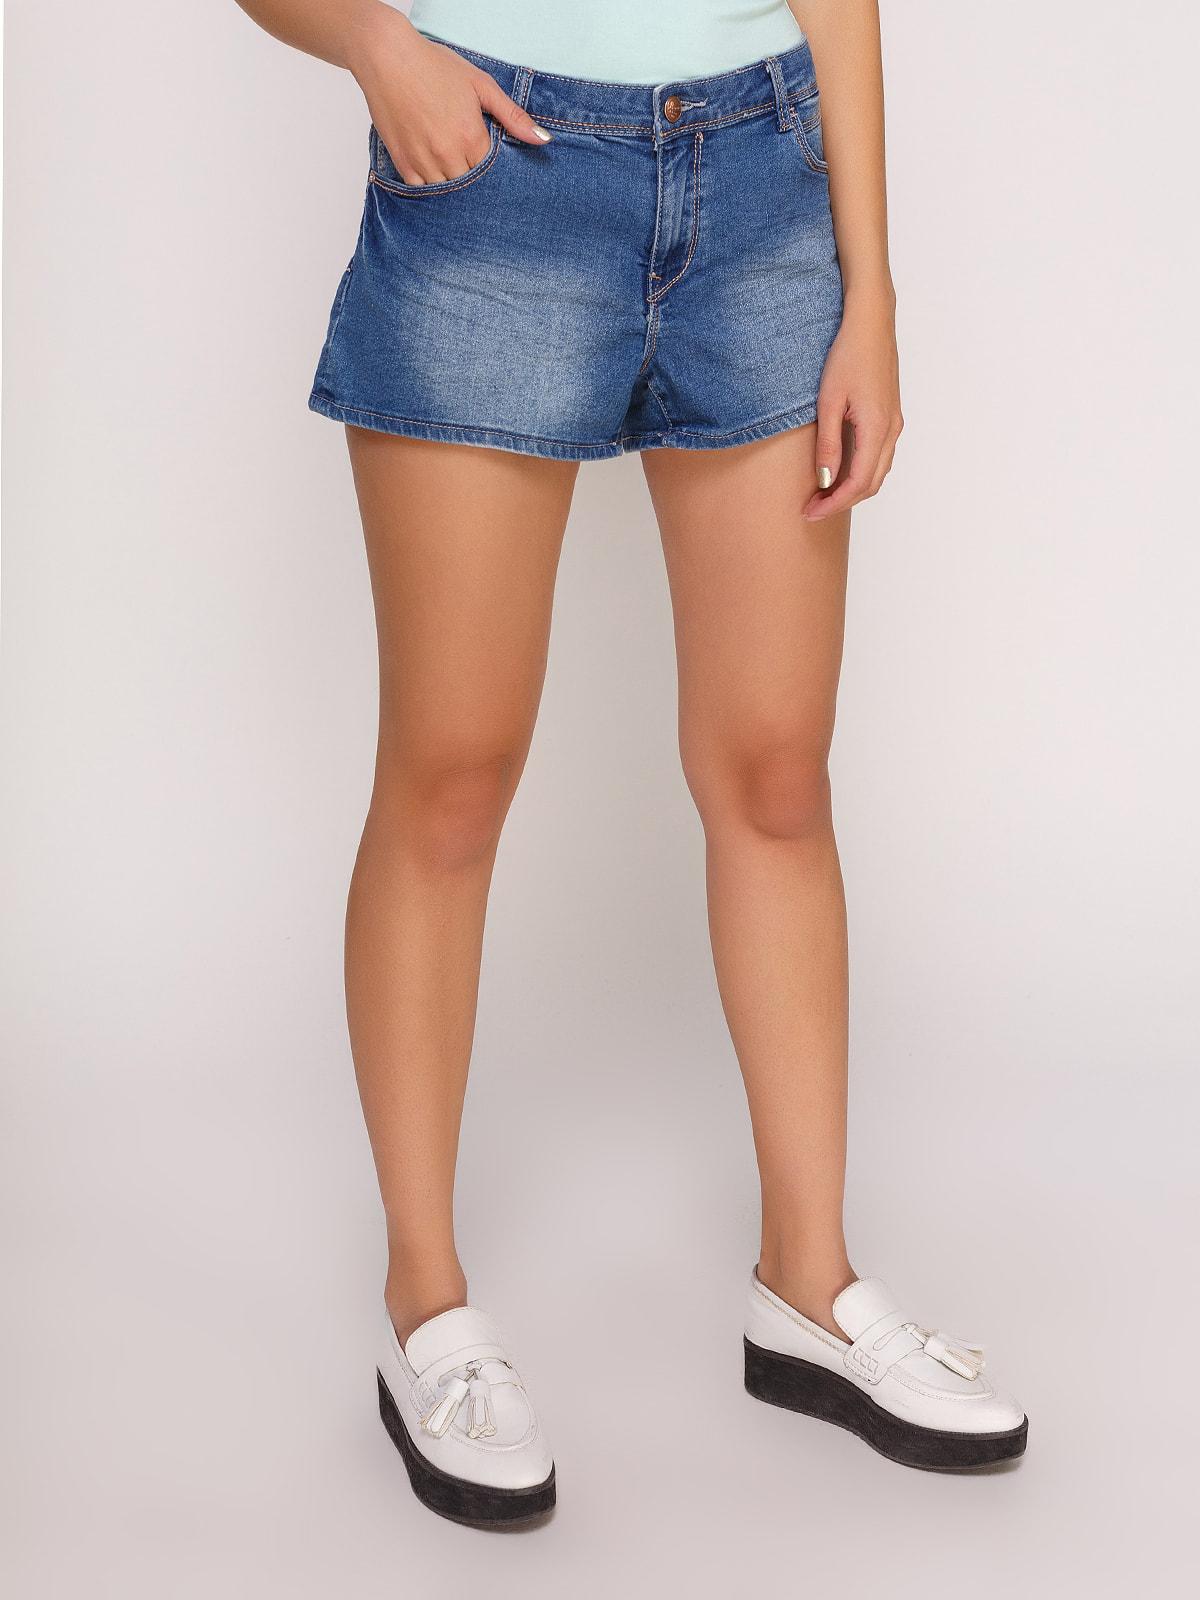 Шорты синие джинсовые | 4627351